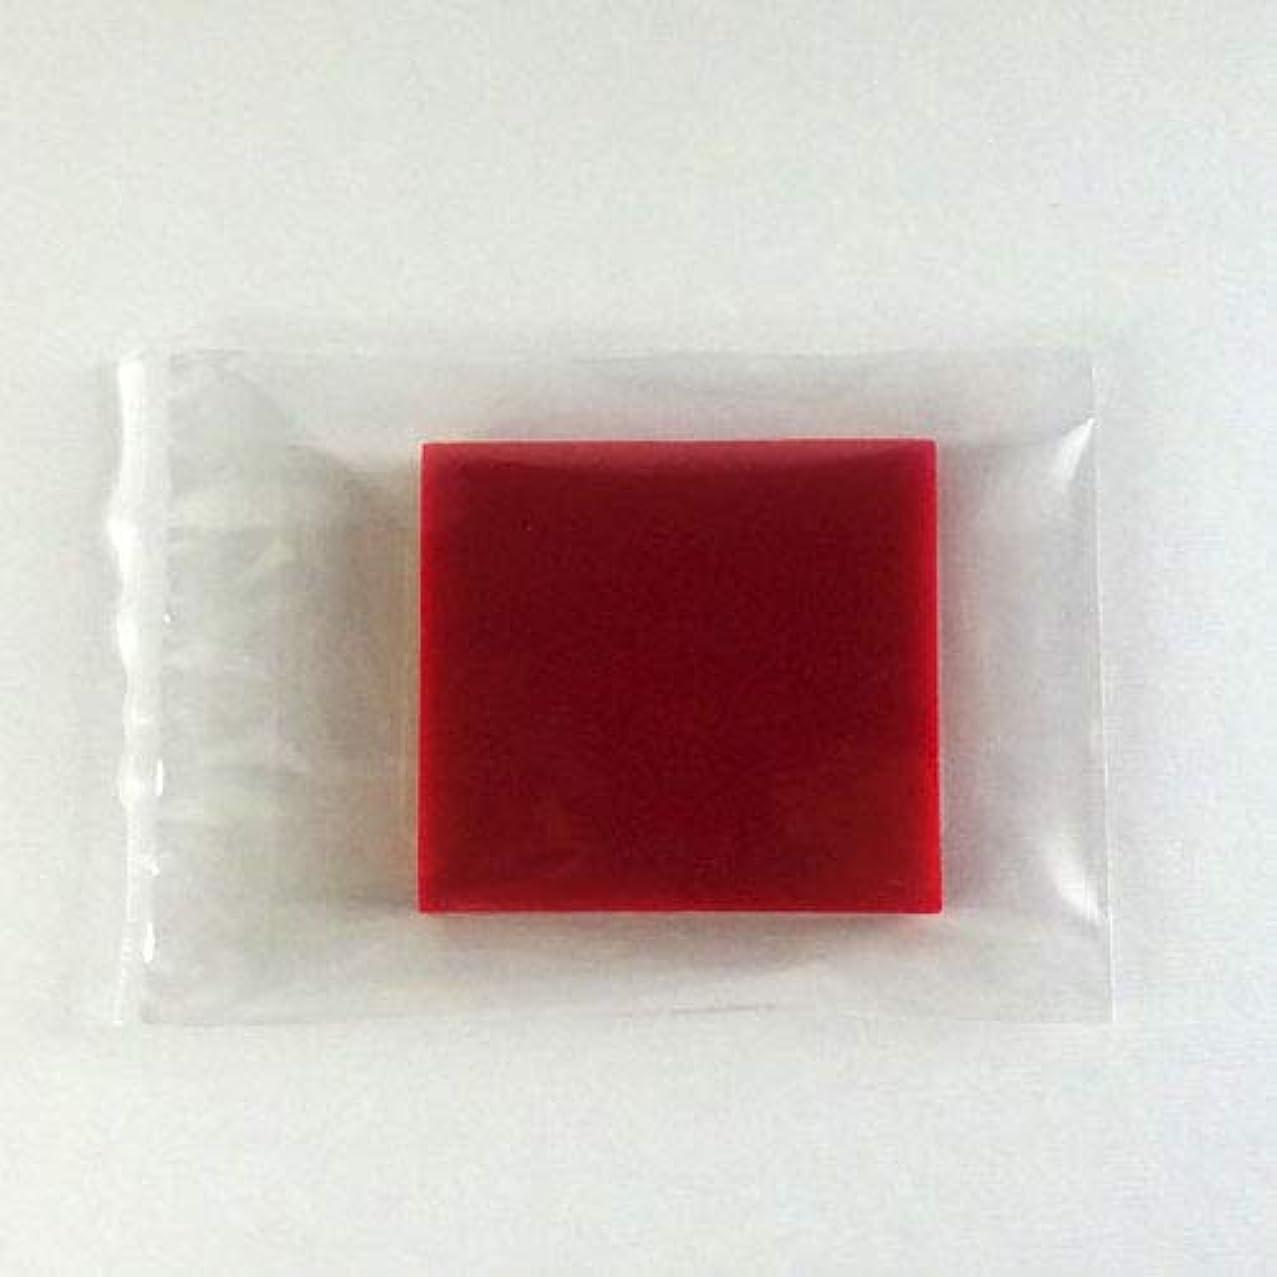 サーマル火山データベースグリセリンソープ MPソープ 色チップ 赤(レッド) 30g